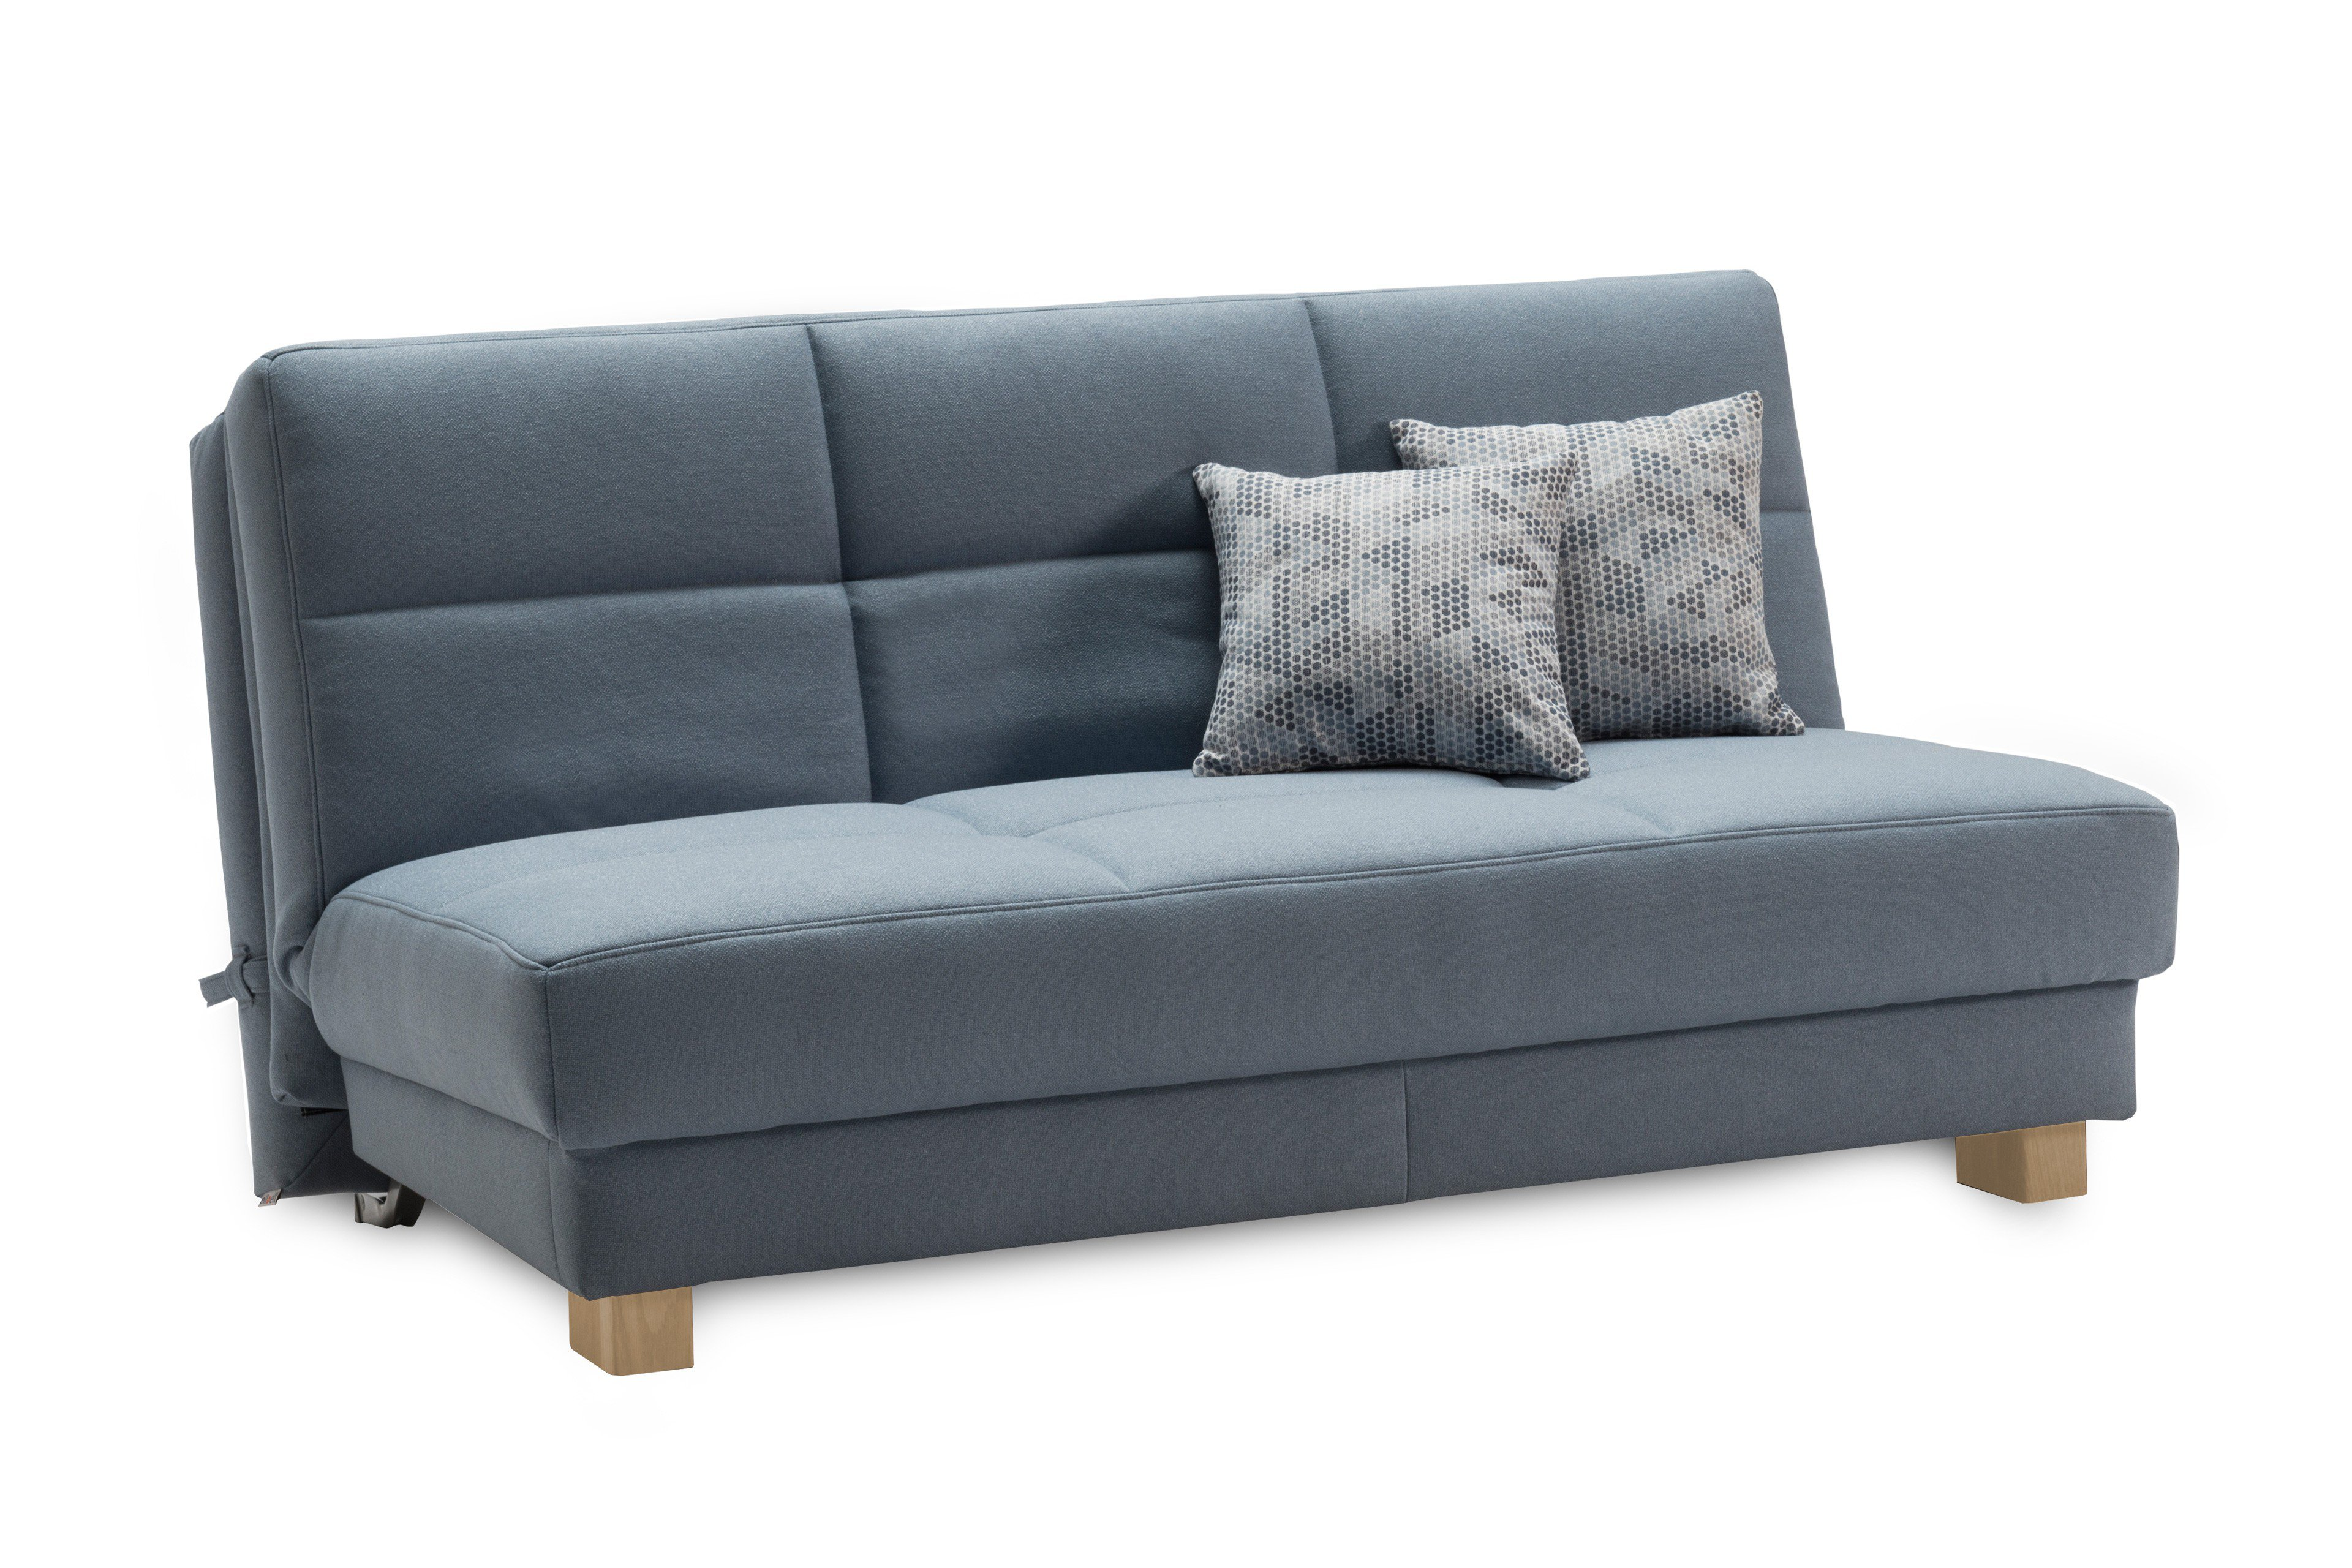 ell ell tilda schlafsofa hellblau mit 2 zierkissen m bel letz ihr online shop. Black Bedroom Furniture Sets. Home Design Ideas